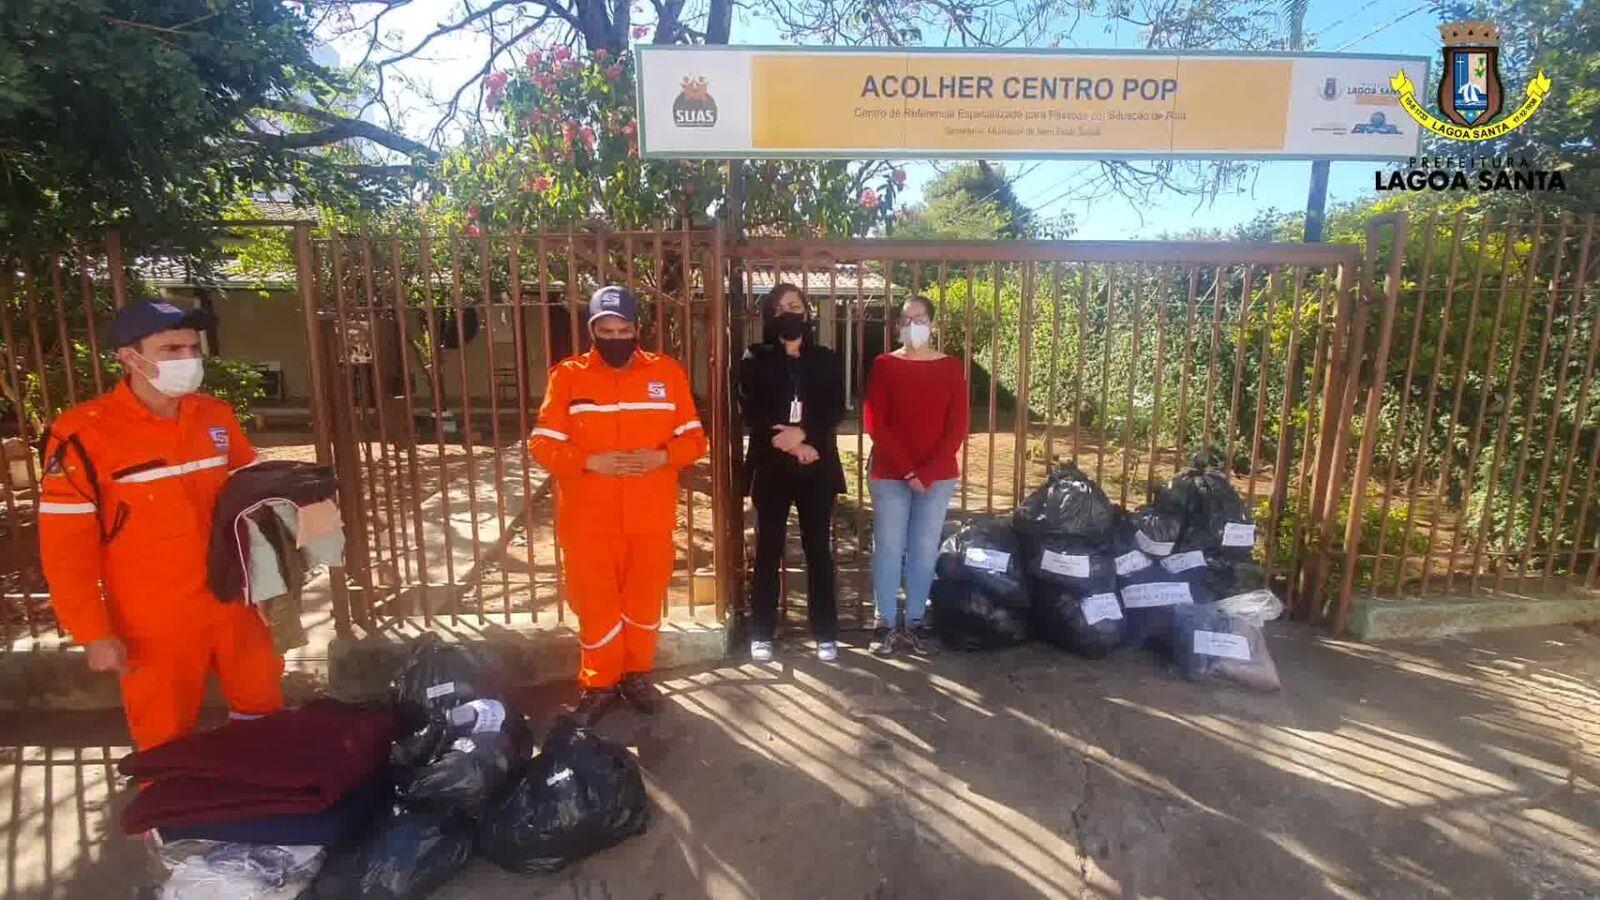 Defesa Civil agradece as doações recebidas durante a Campanha do Agasalho em Lagoa Santa